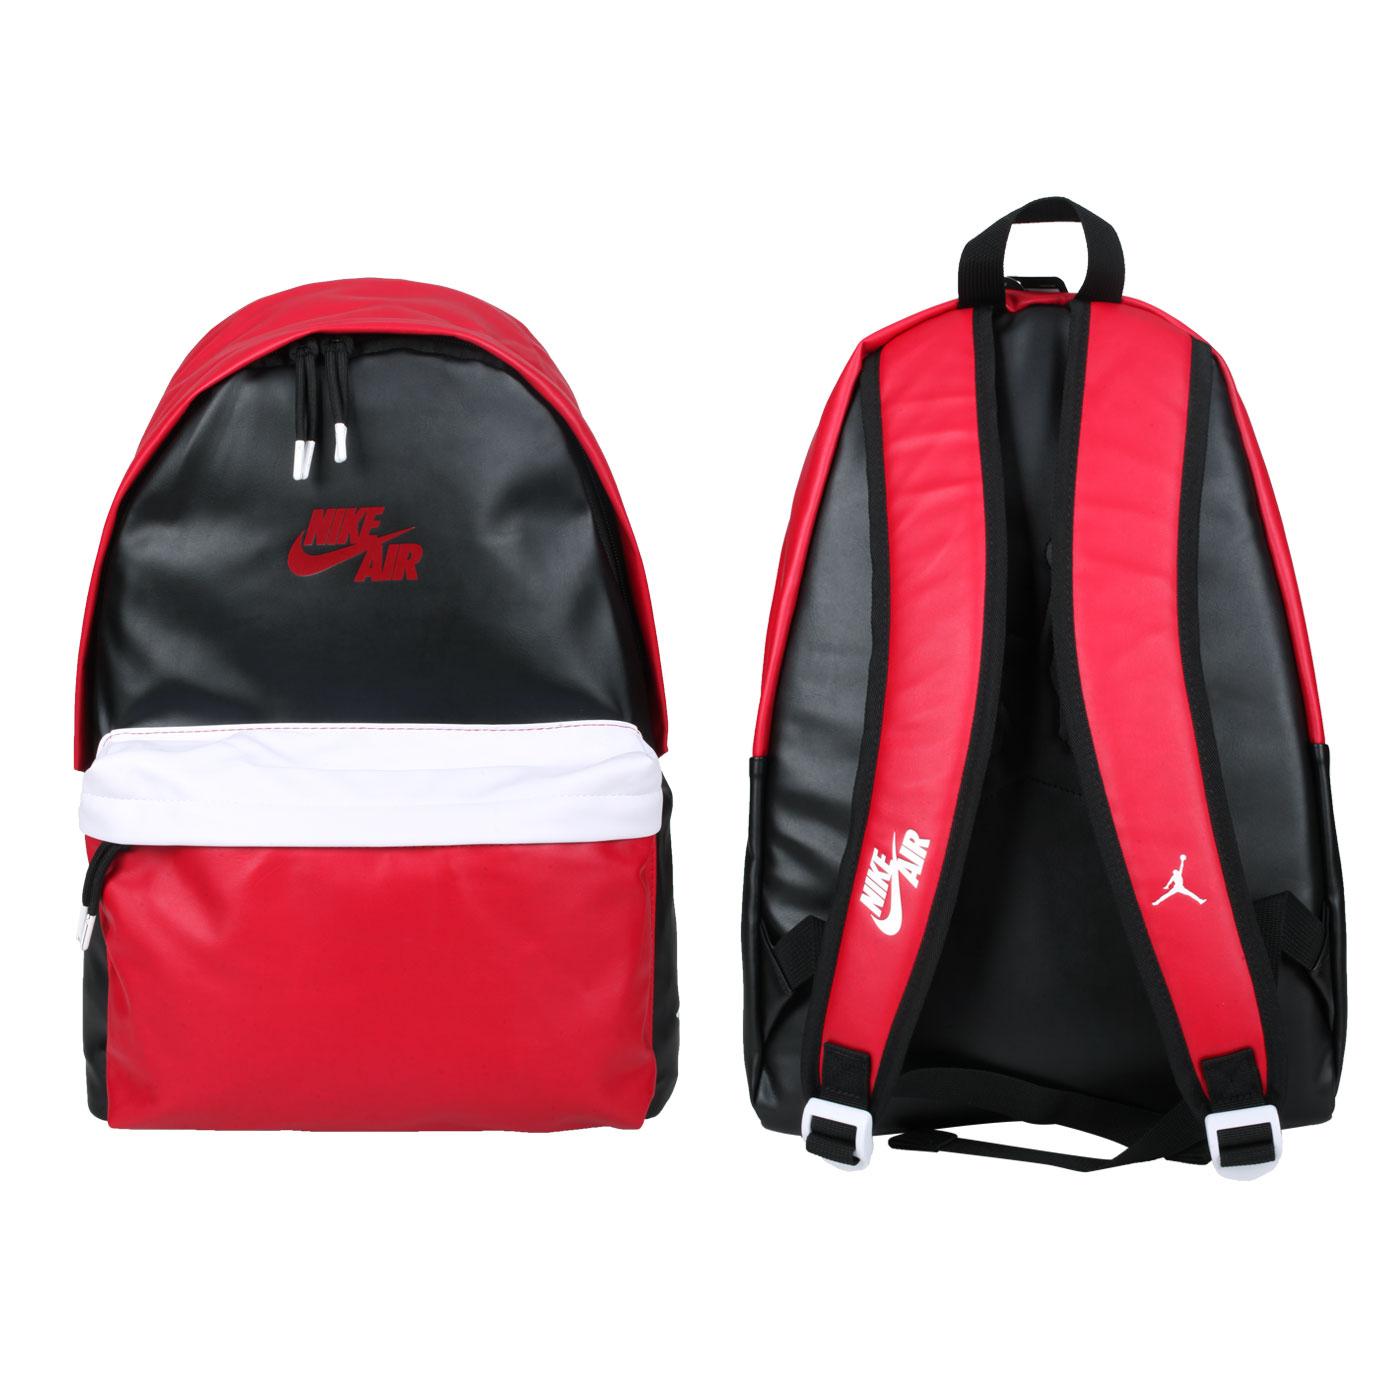 NIKE JORDAN 大型雙肩包 JD2113010AD-001 - 紅黑白